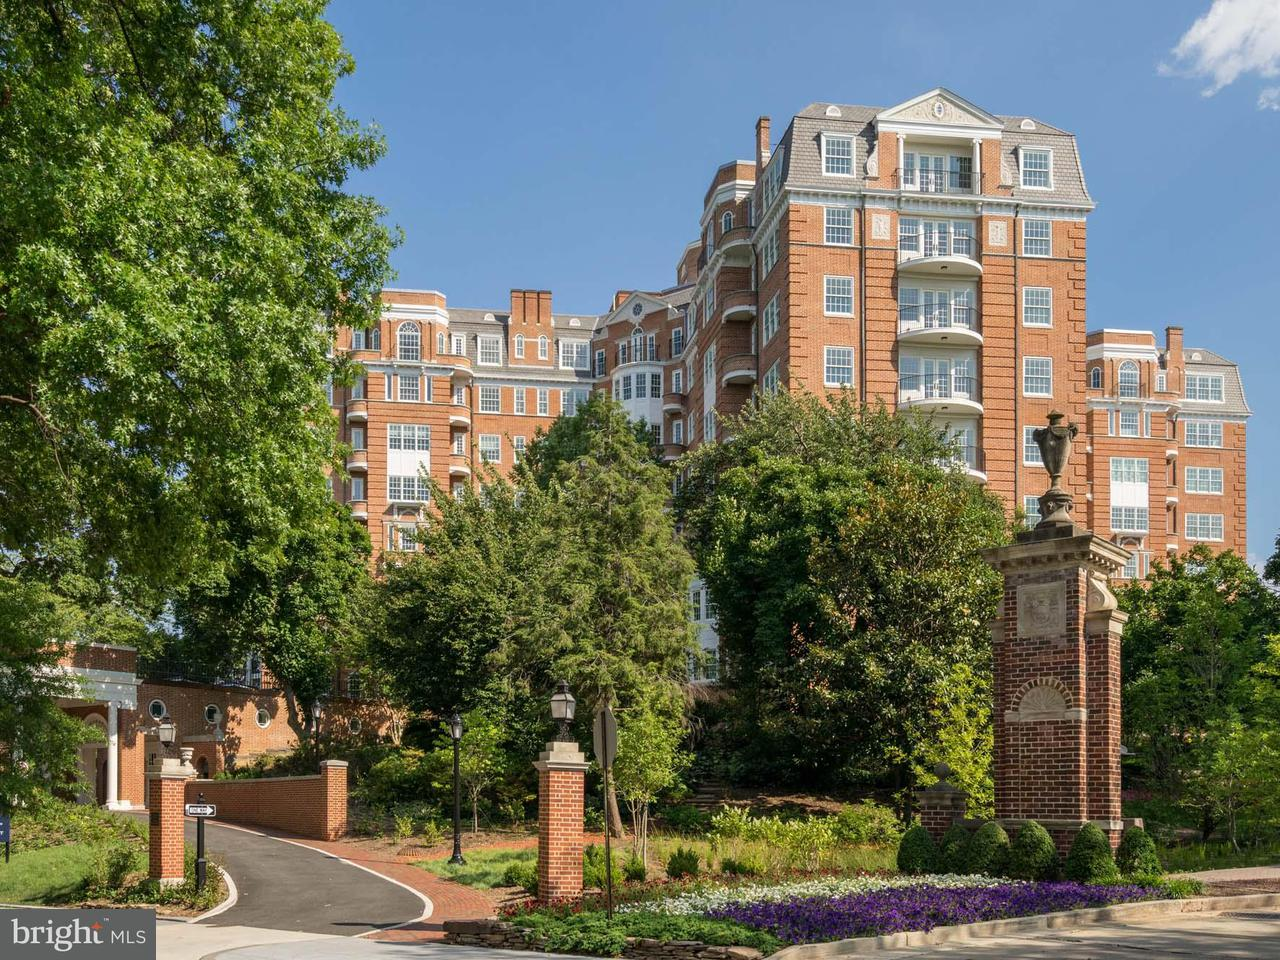 Eigentumswohnung für Verkauf beim 2660 Connecticut Ave Nw #4c 2660 Connecticut Ave Nw #4c Washington, District Of Columbia 20008 Vereinigte Staaten